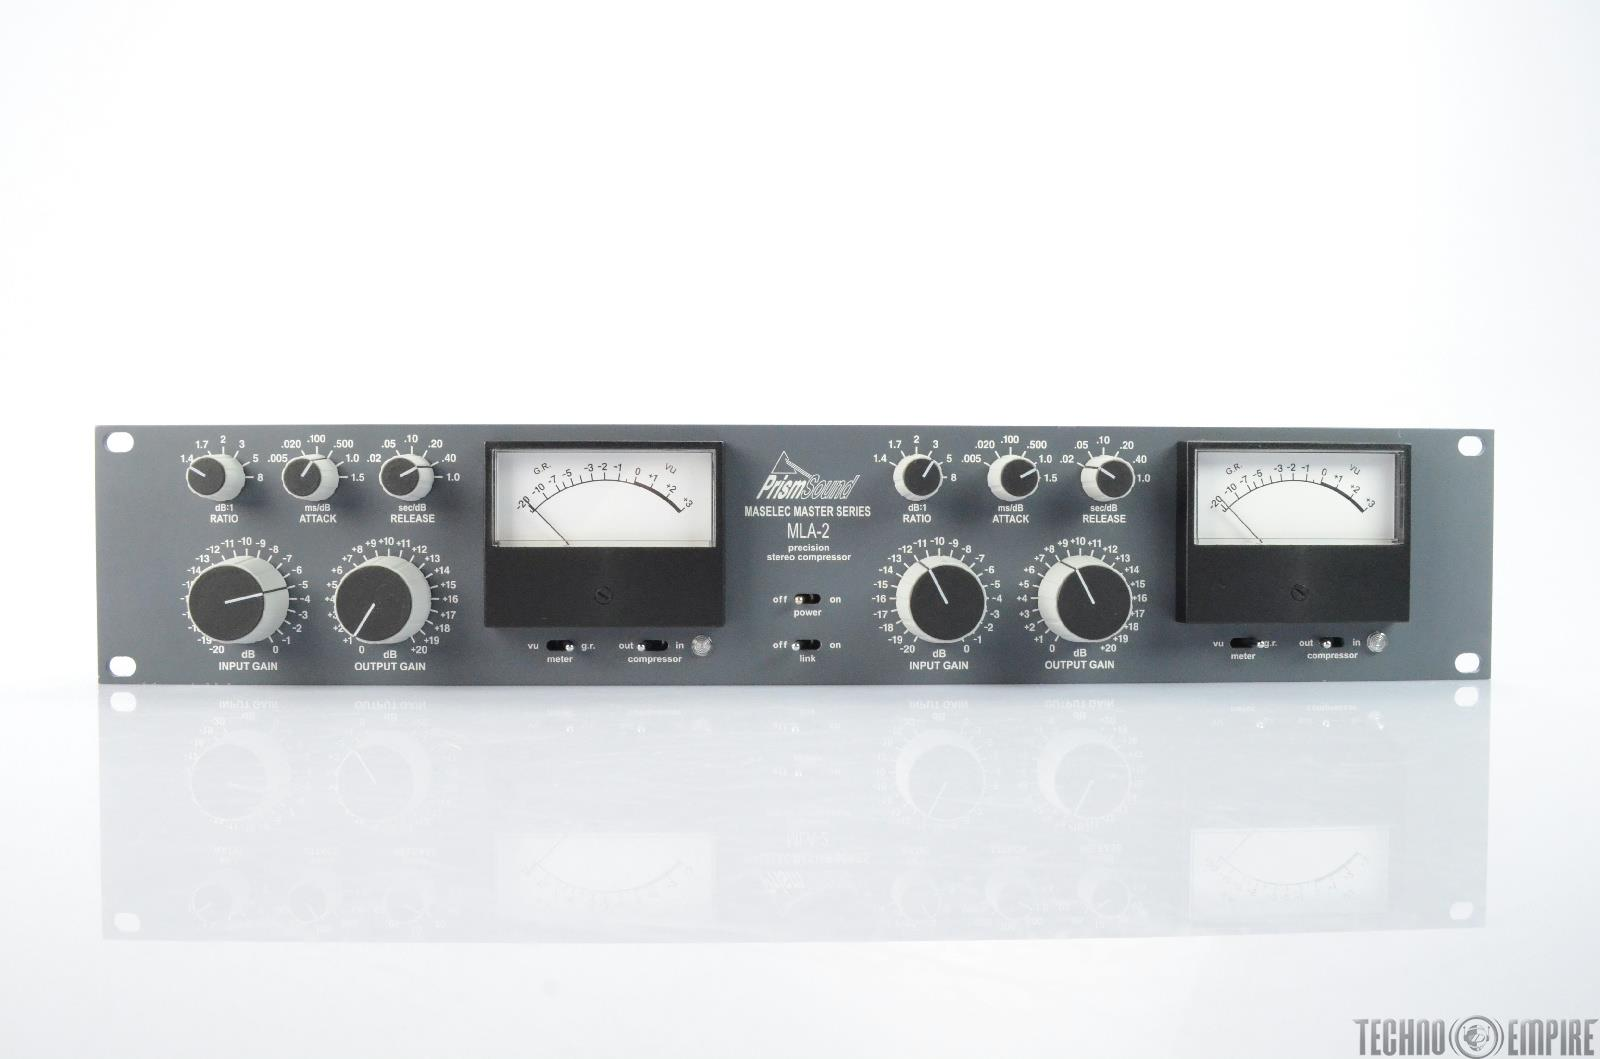 PRISM SOUND MLA-2 Maselec Master Series Precision Stereo Compressor #25713